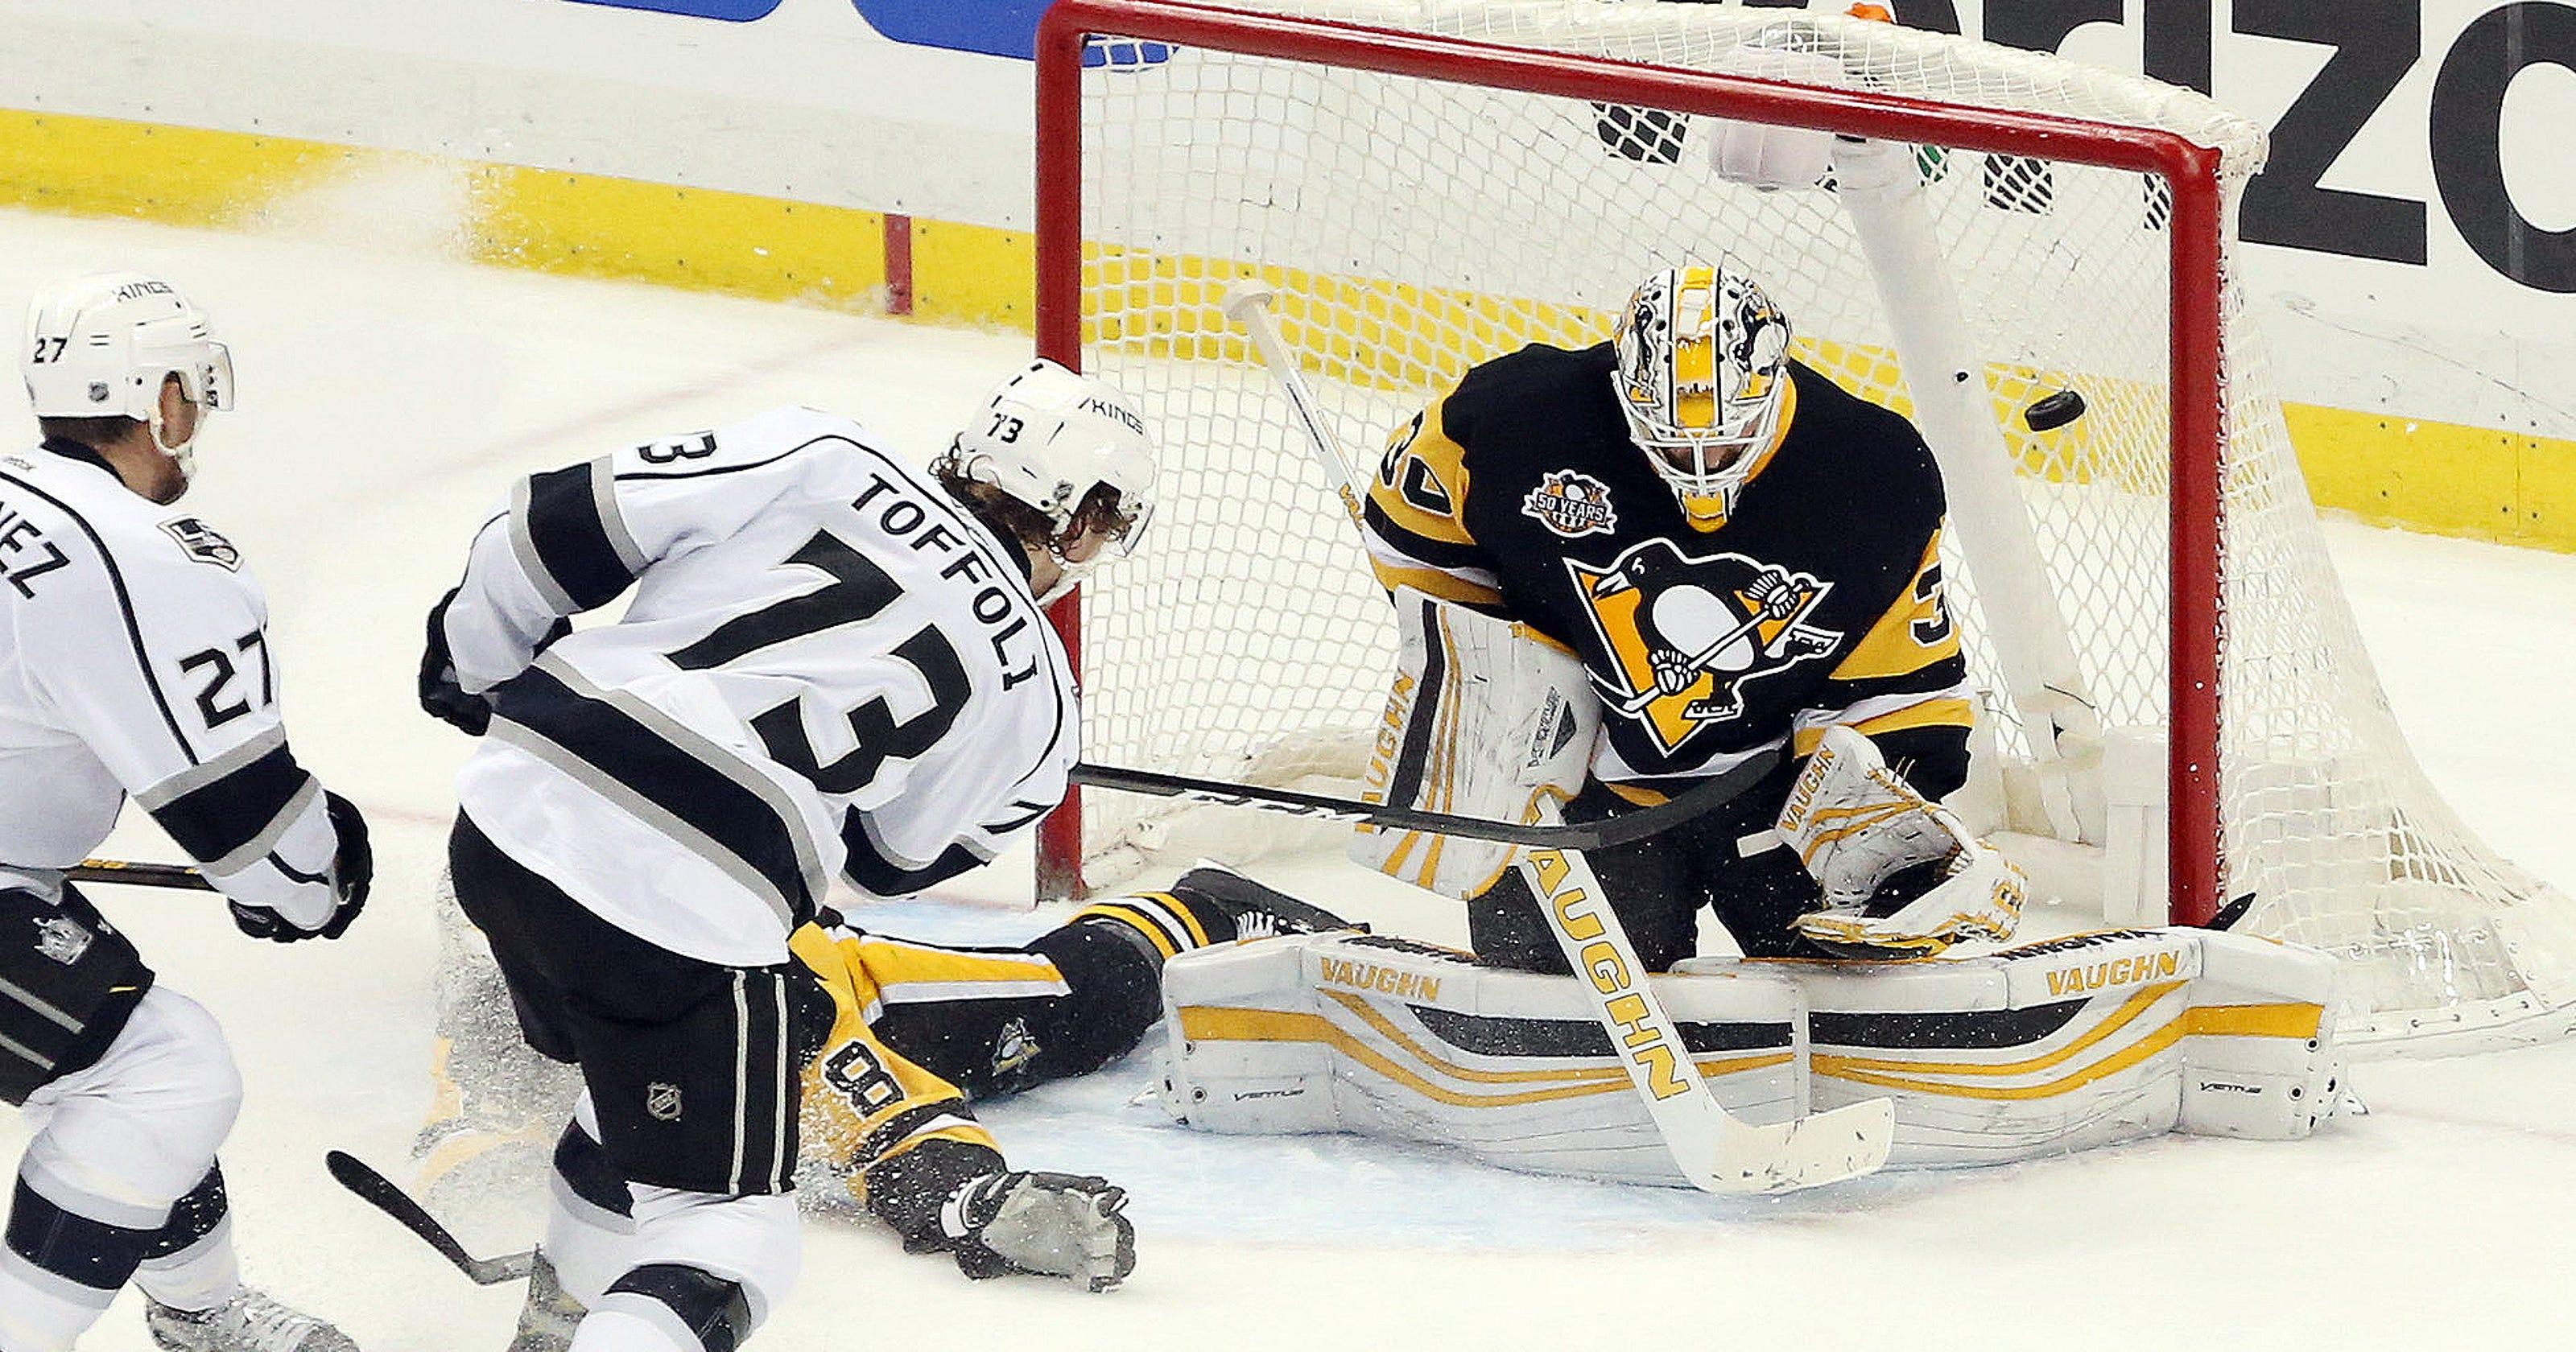 ba1603806 Kings end Penguins  7-game winning streak in overtime